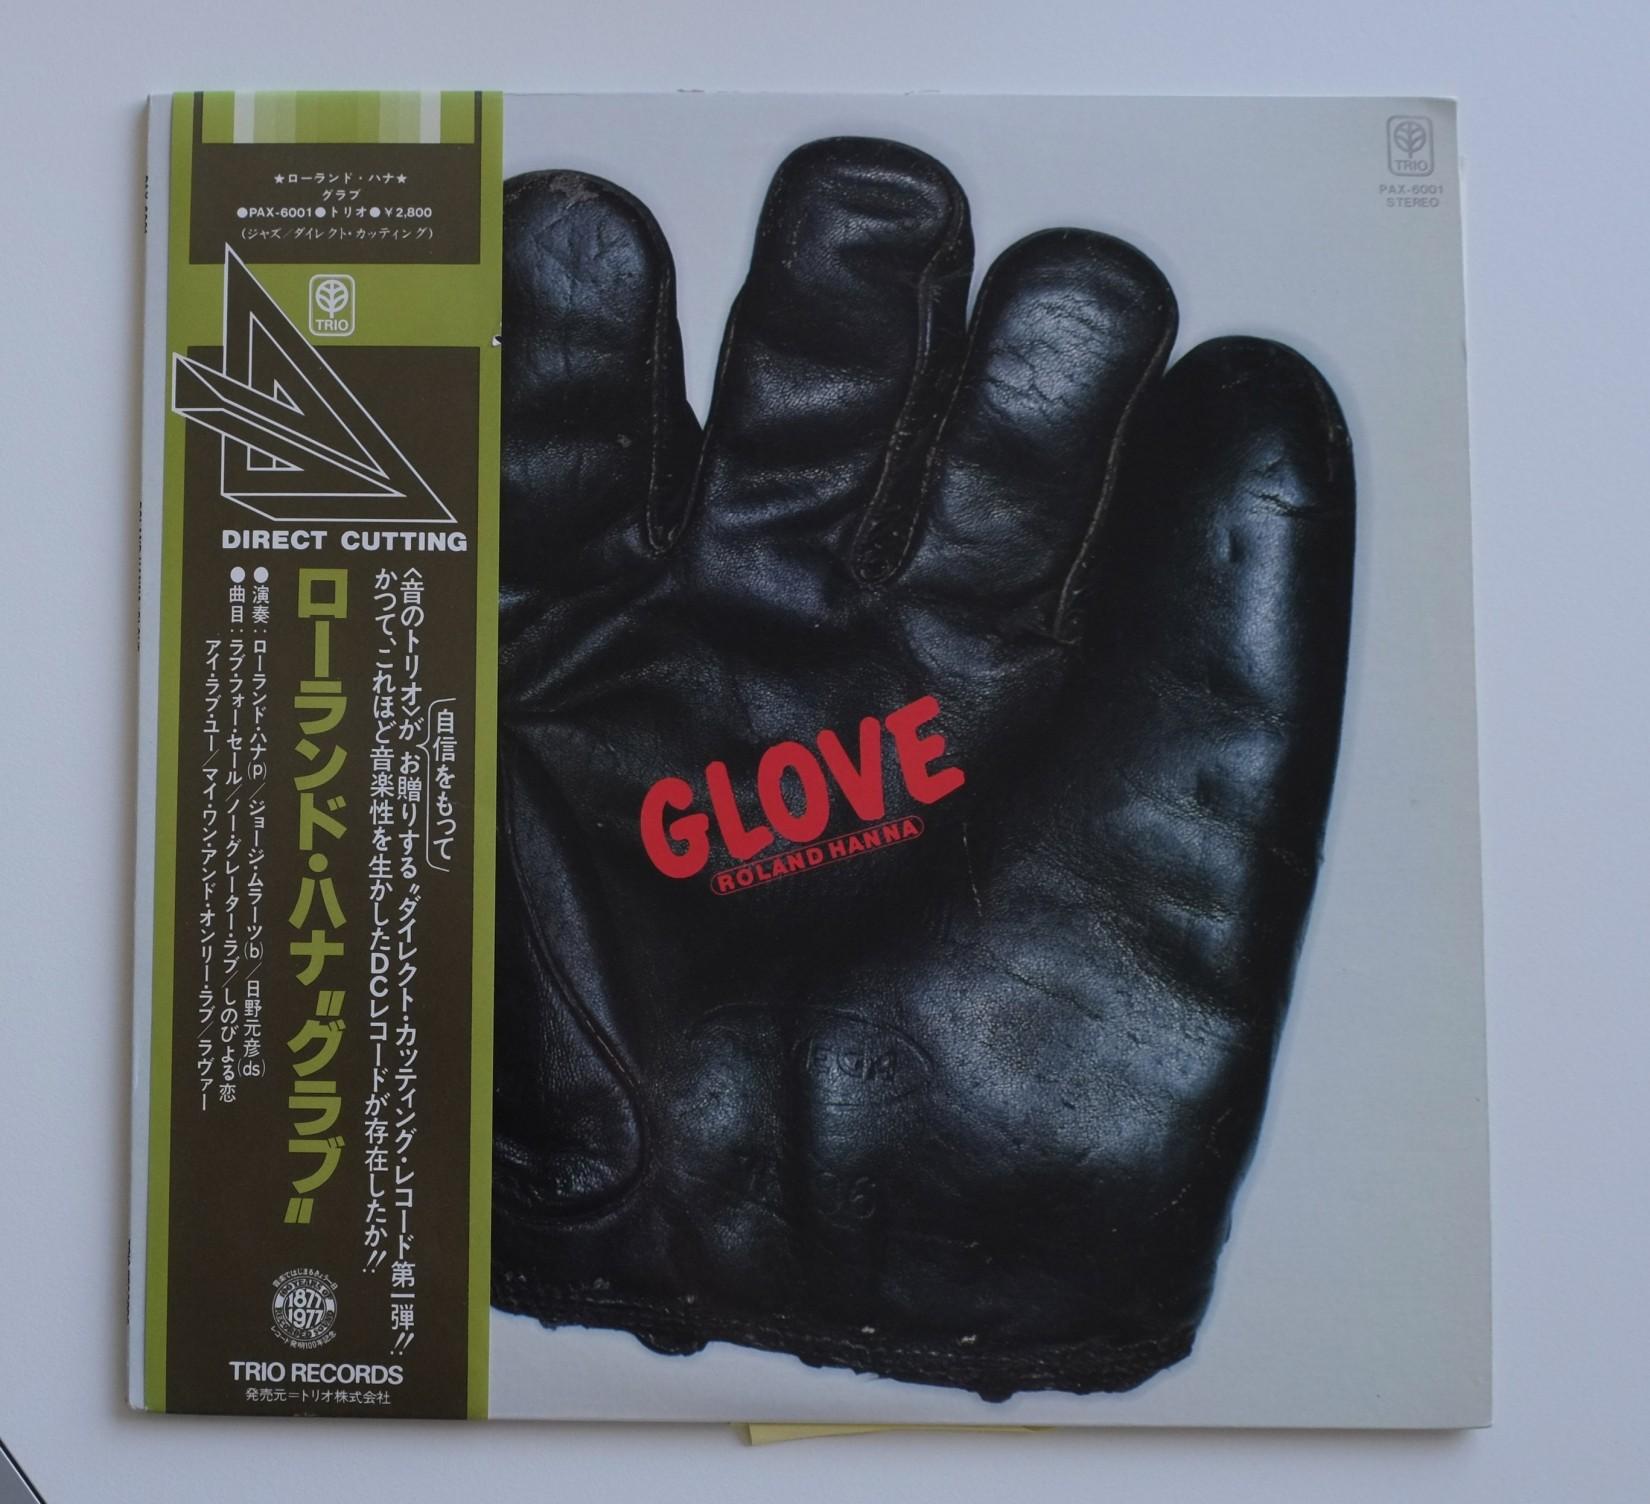 LP-Glove-Roland Hanna-PAX-6001-1